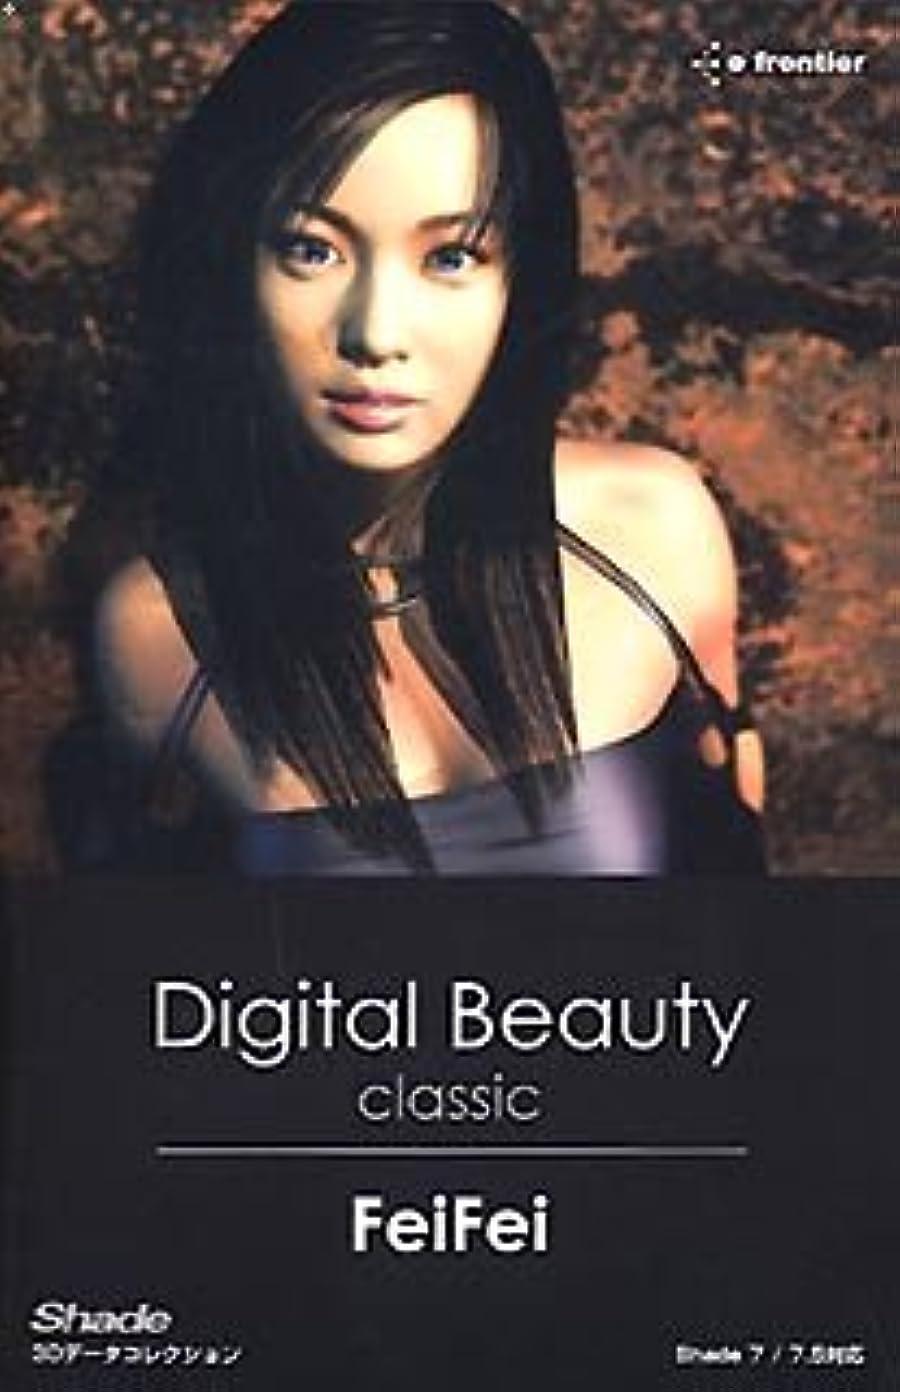 ジャム壮大なバーベキューShade Digital Beauty Classic FeiFei 3Dデータコレクション